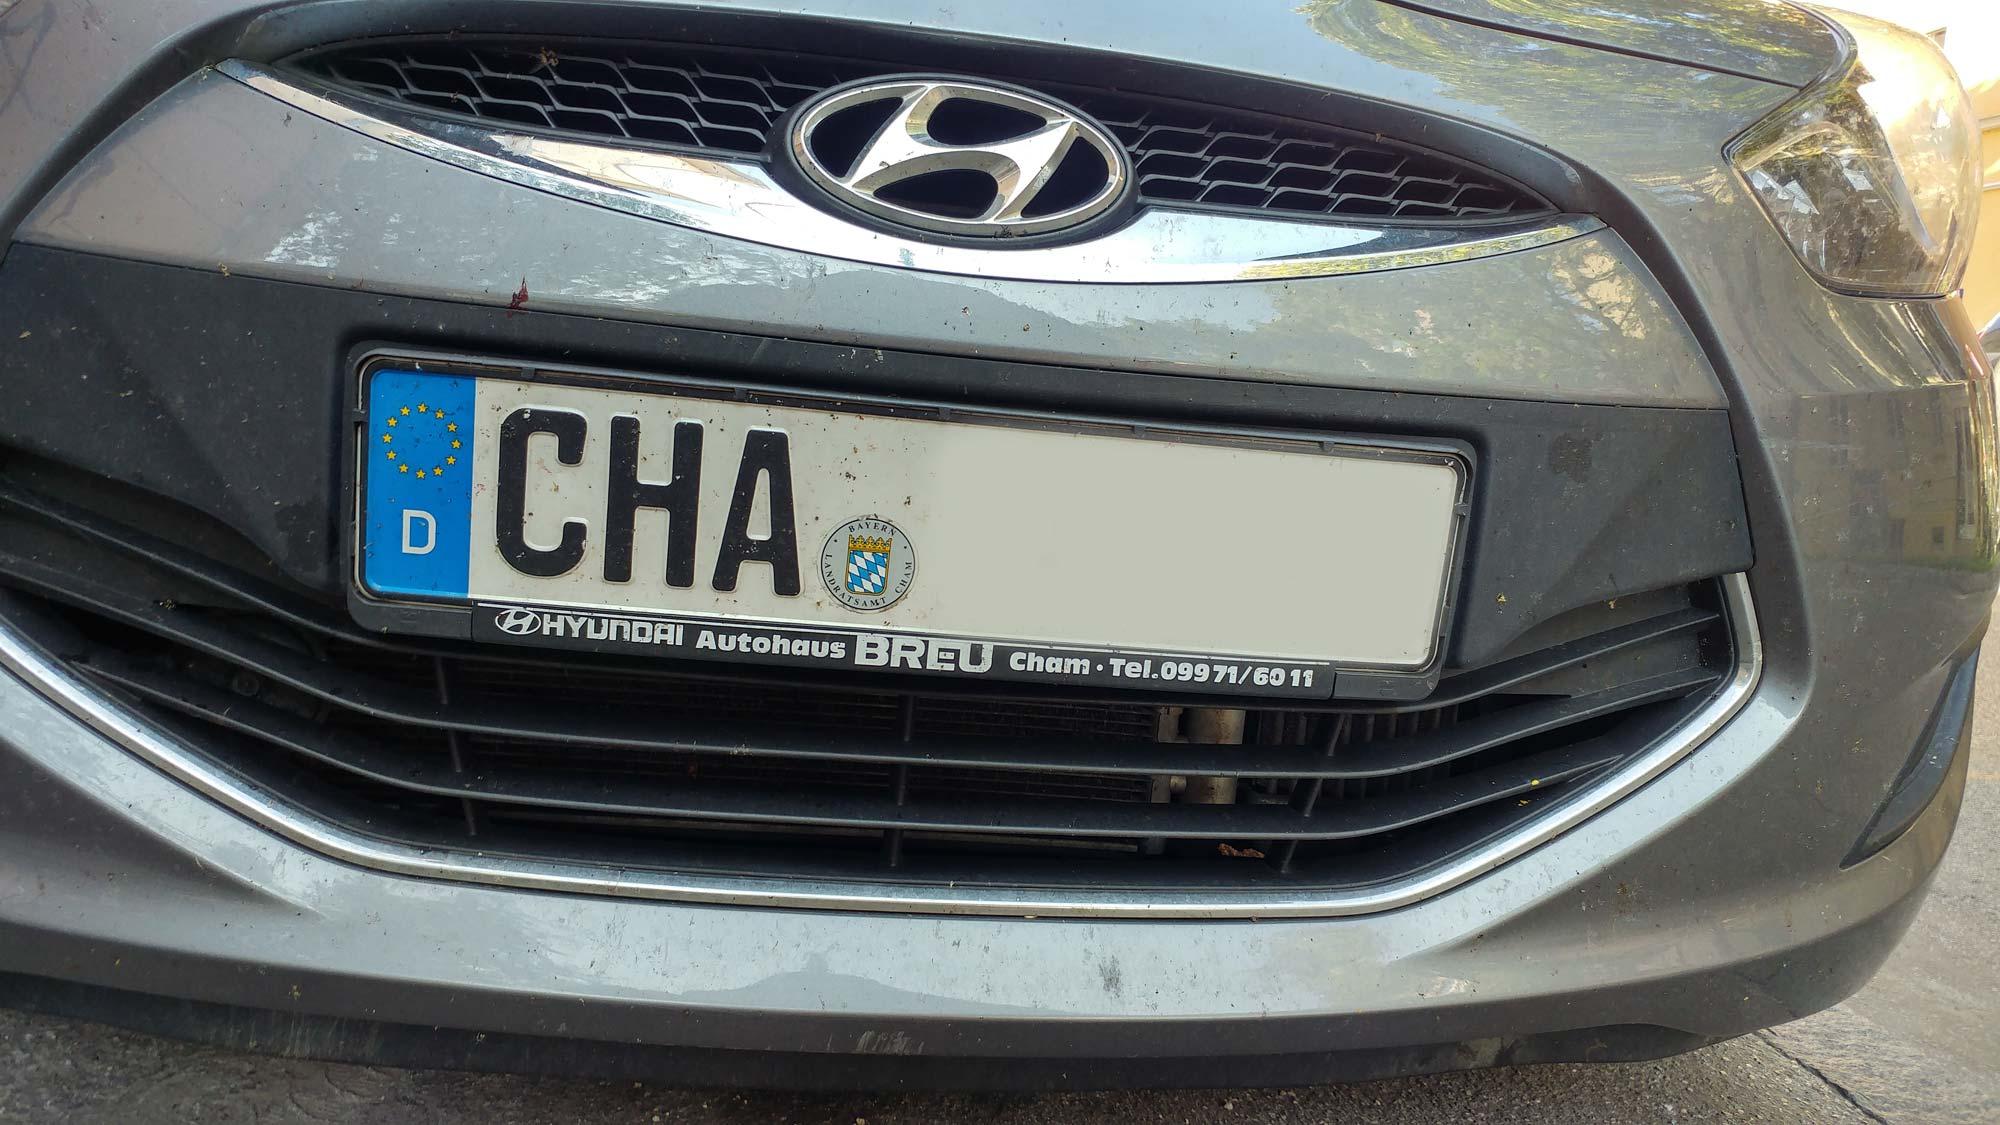 Cha Kennzeichen